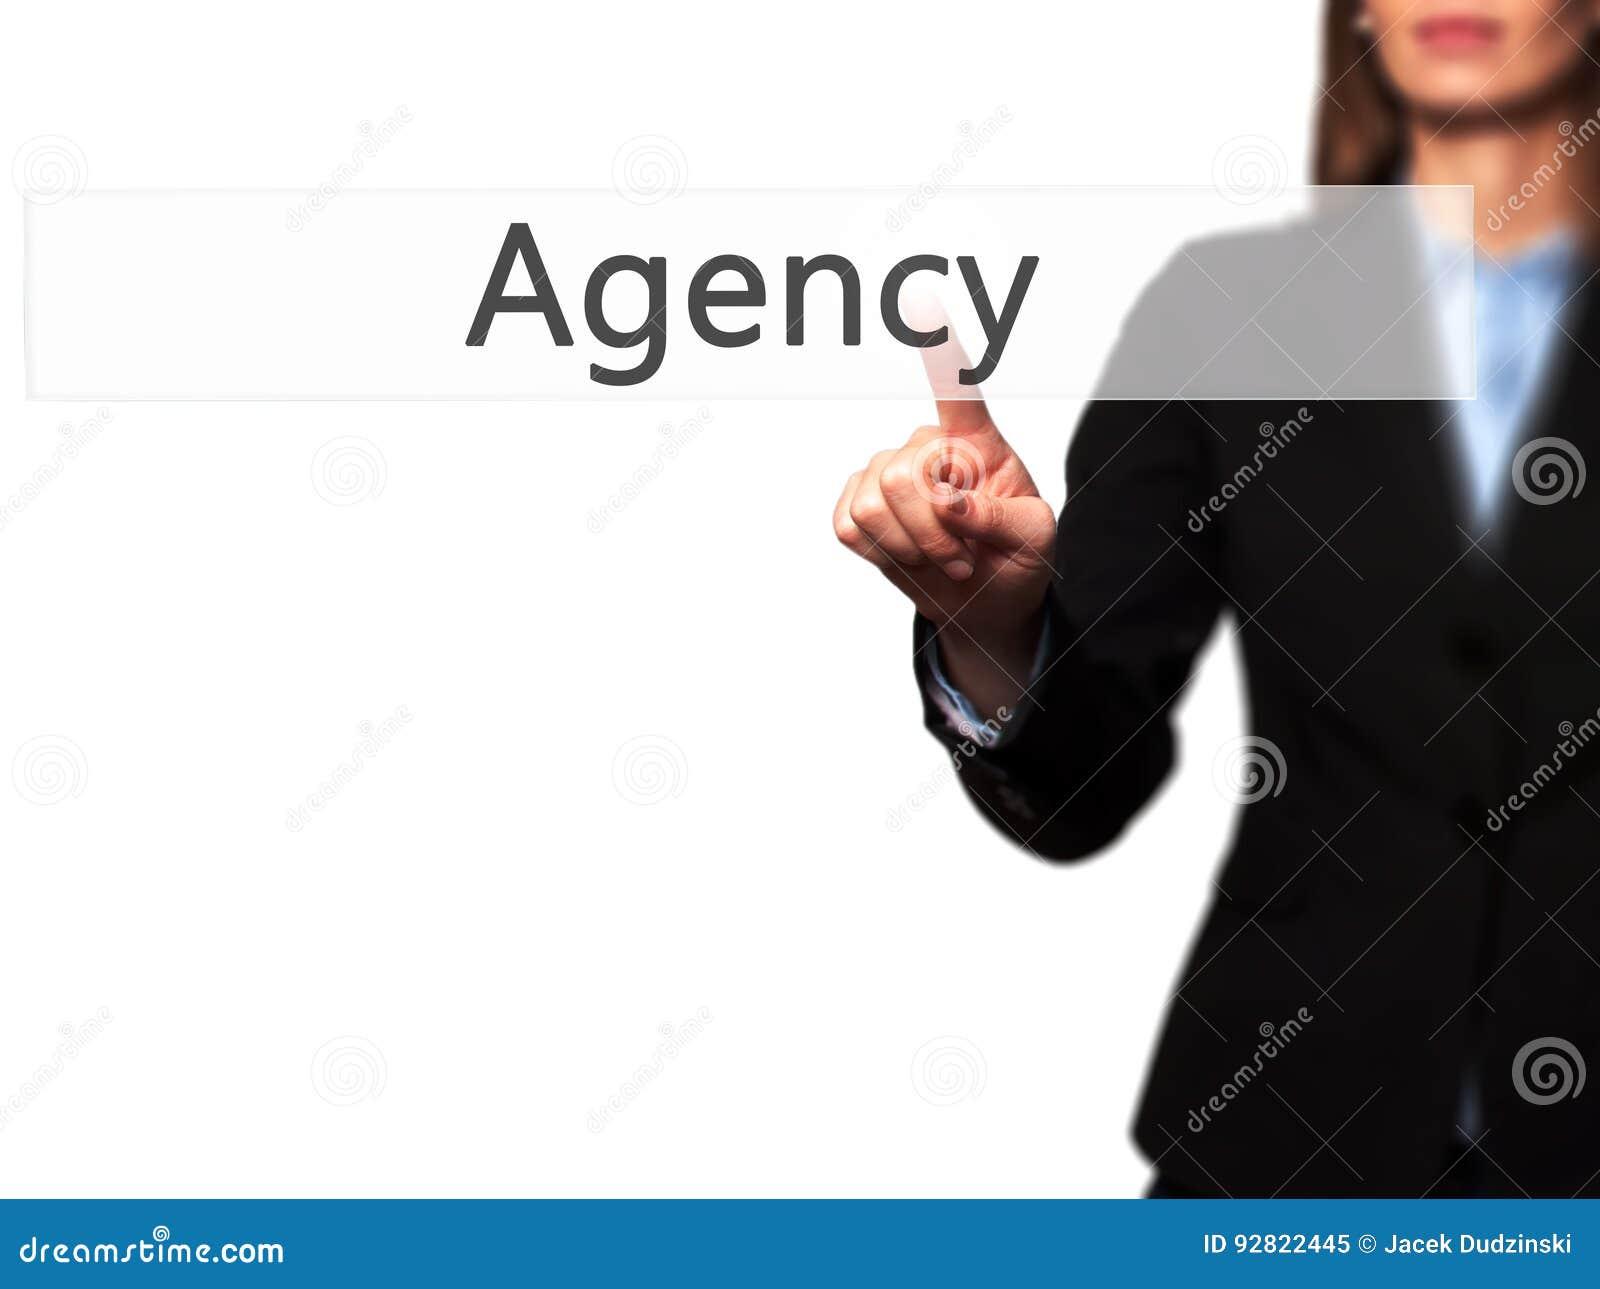 Agencja - Odosobniony żeński ręki macanie lub wskazywać zapinać